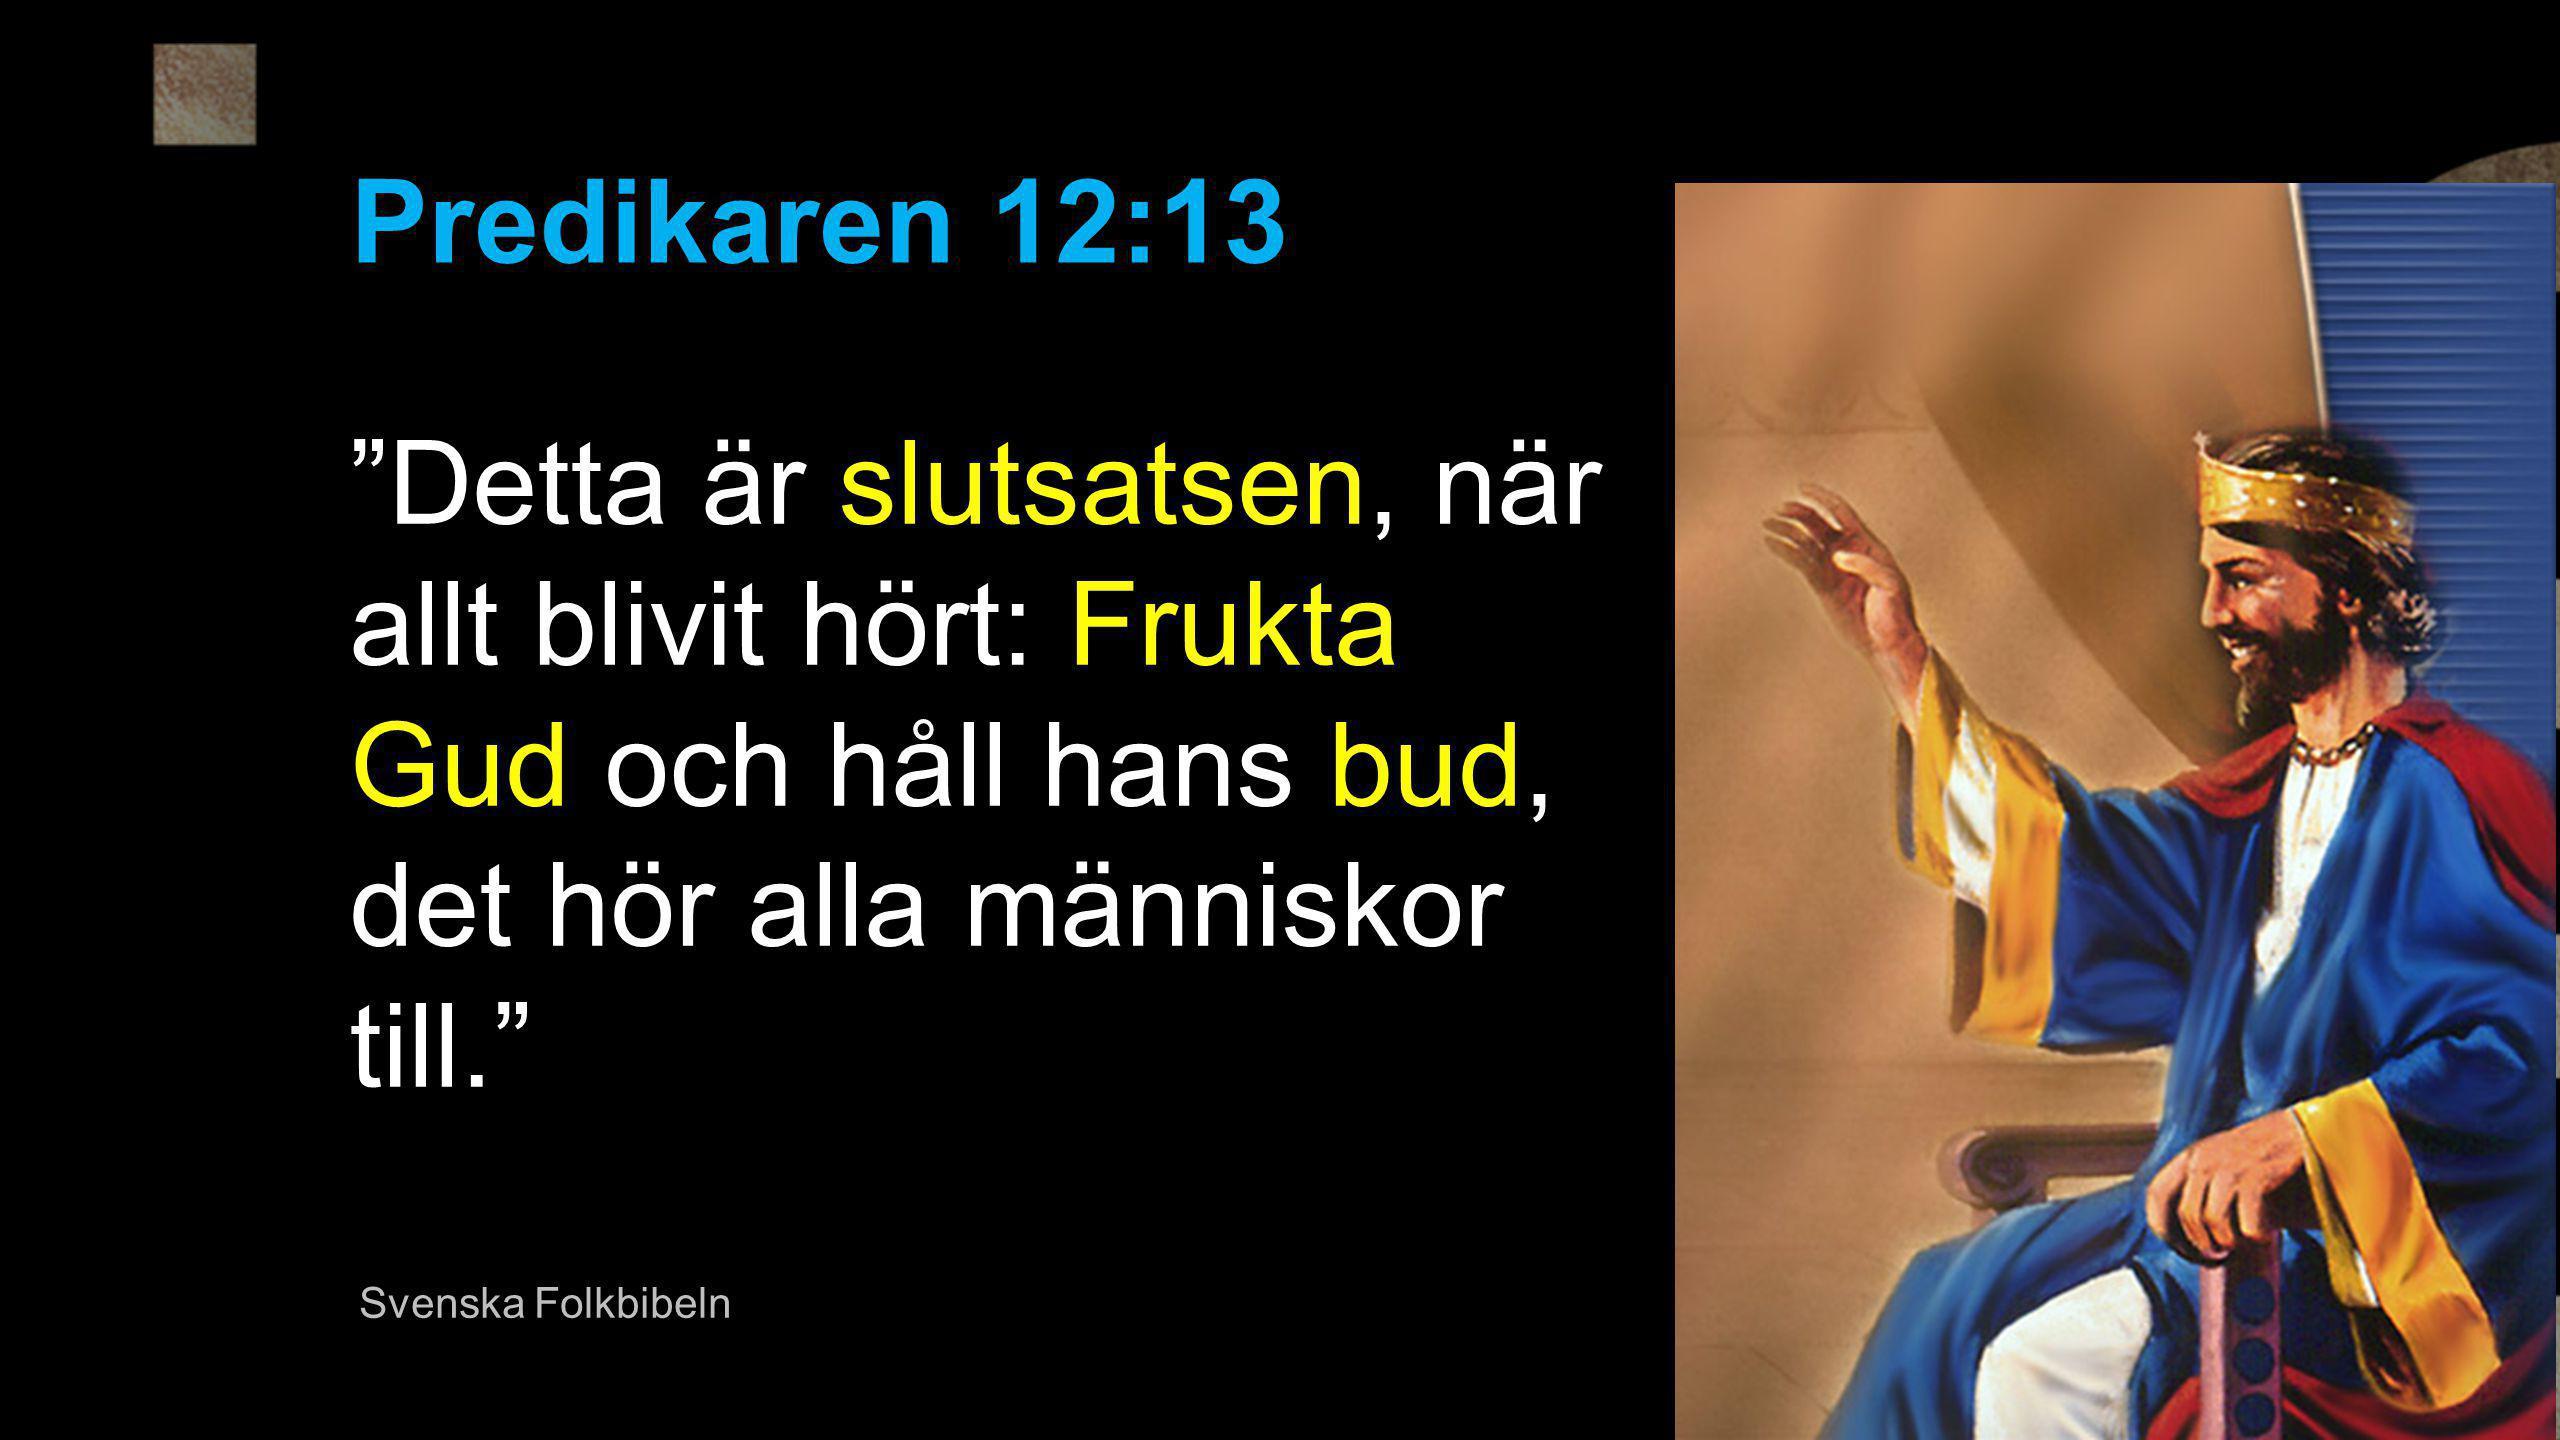 """""""Detta är slutsatsen, när allt blivit hört: Frukta Gud och håll hans bud, det hör alla människor till."""" Predikaren 12:13 Svenska Folkbibeln"""